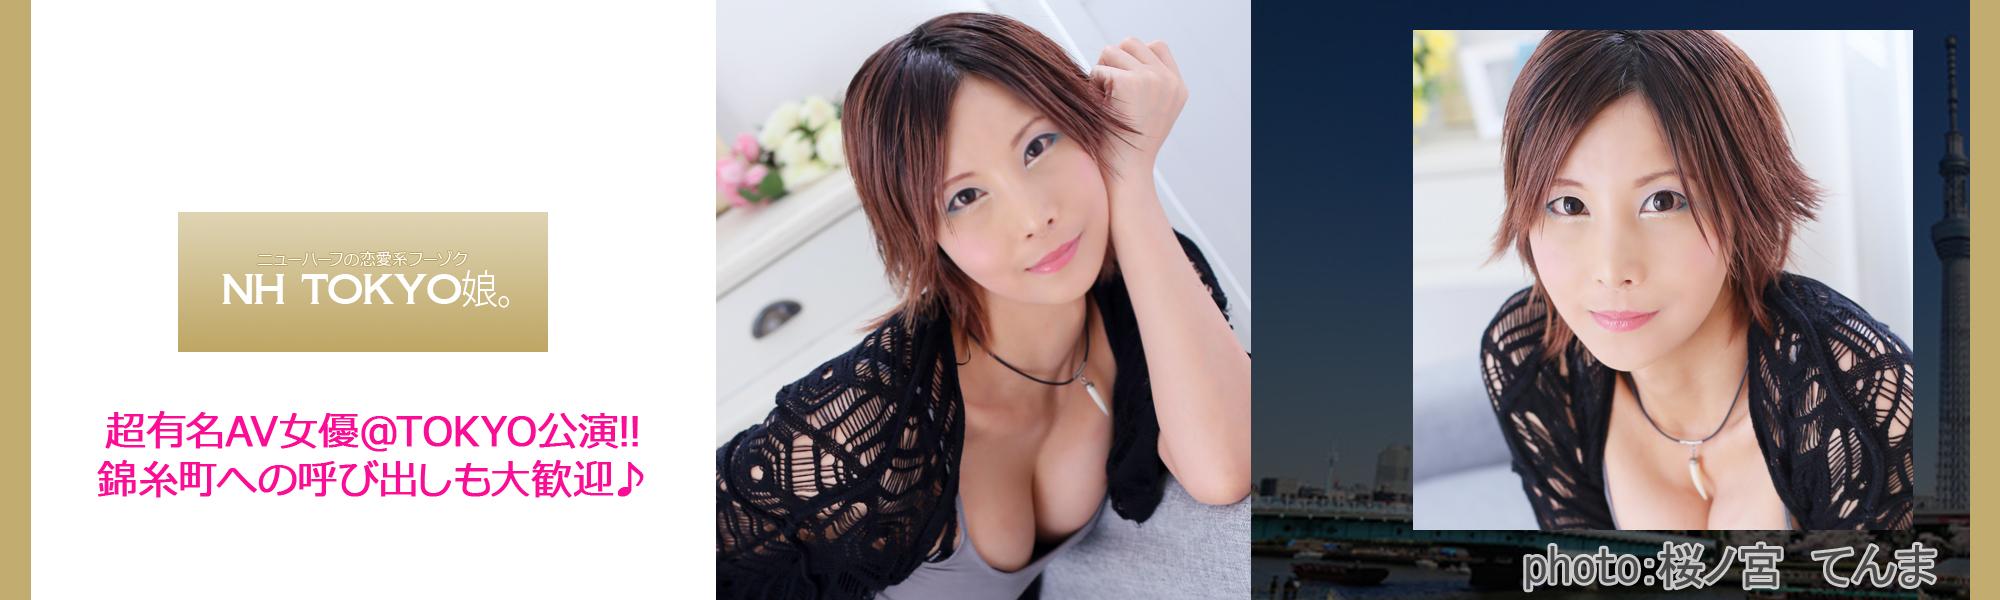 錦糸町ホテヘル ニューハーフのNH TOKYO娘。19年01月_桜ノ宮 てんま